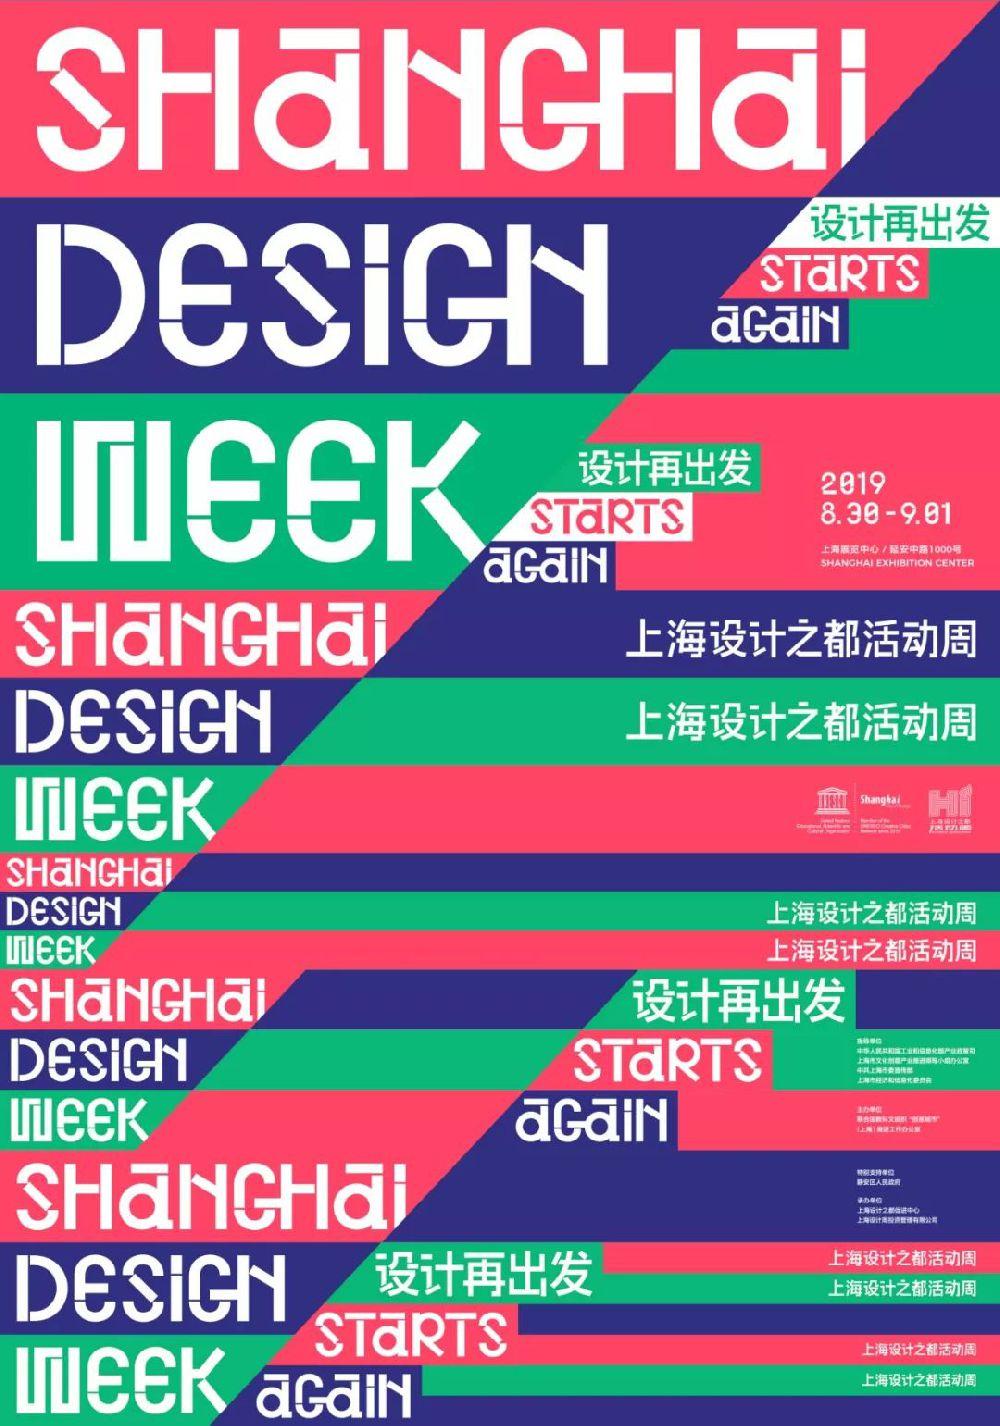 2019上海设计之都活动周门票价格+购票方式